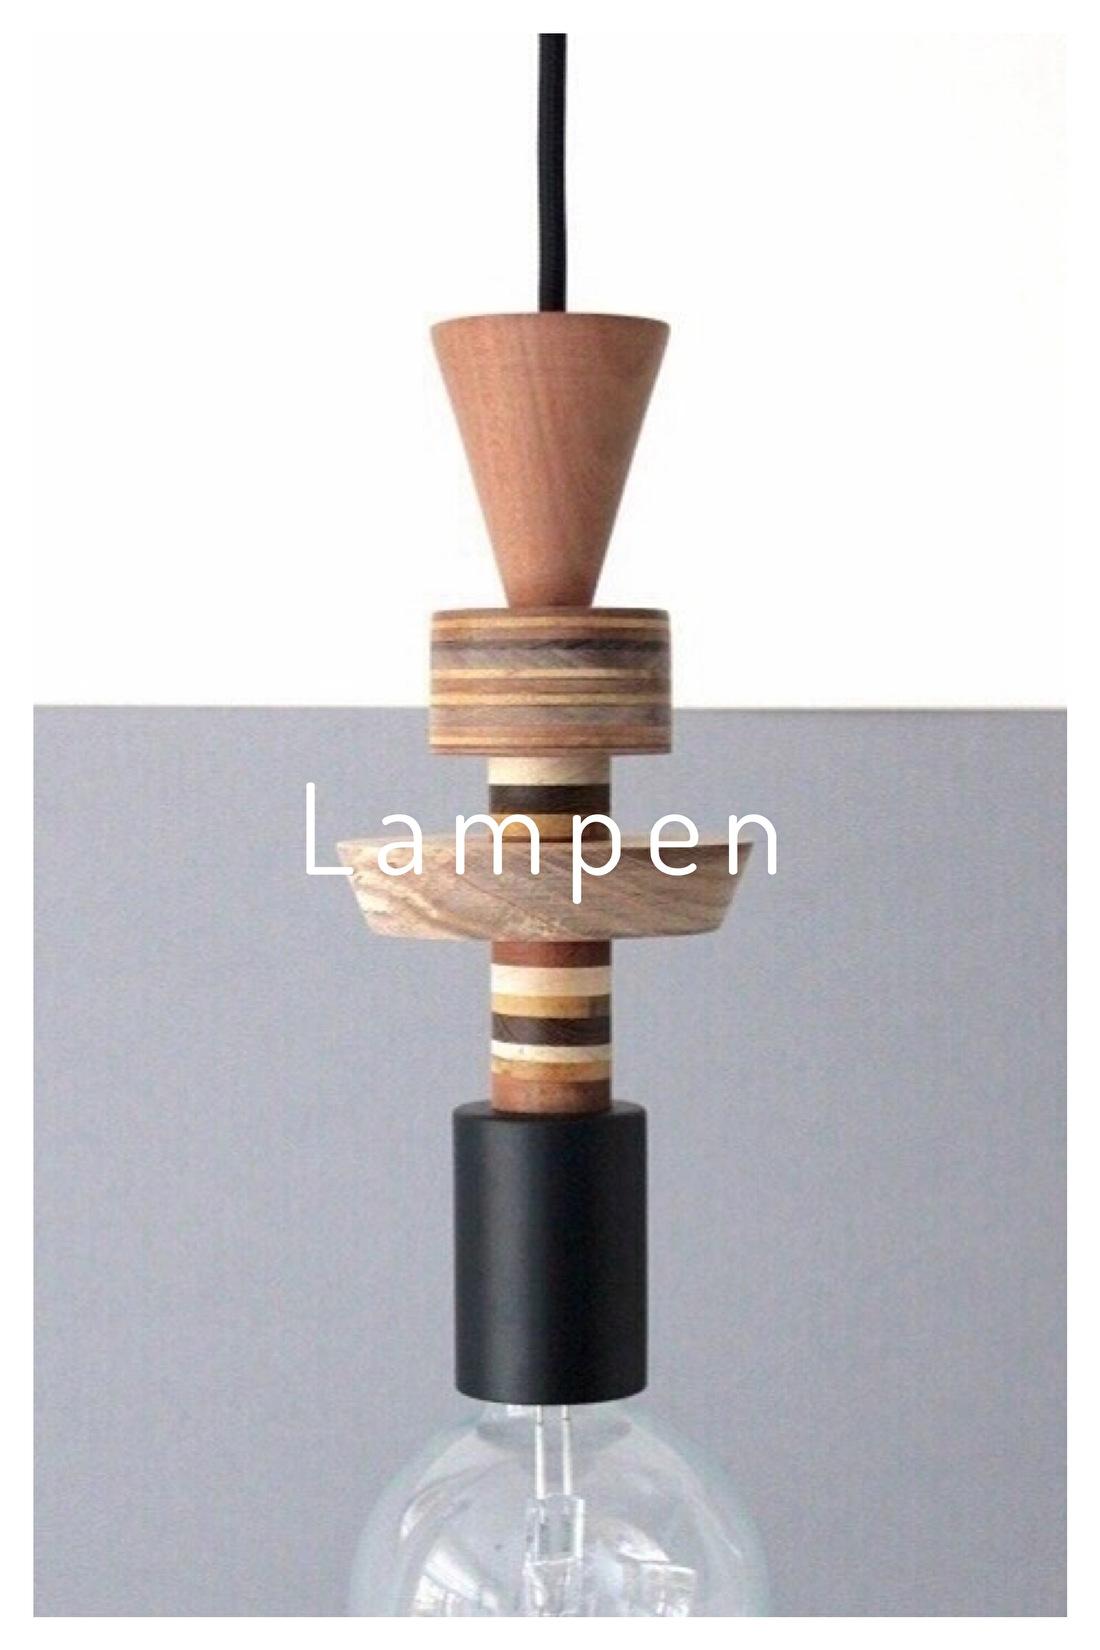 producten_home_studio_mooibos_houten_lampen_wandhaken_ringen_sieraden_oorbellen_manchetknopen_vanhout-5467.jpg